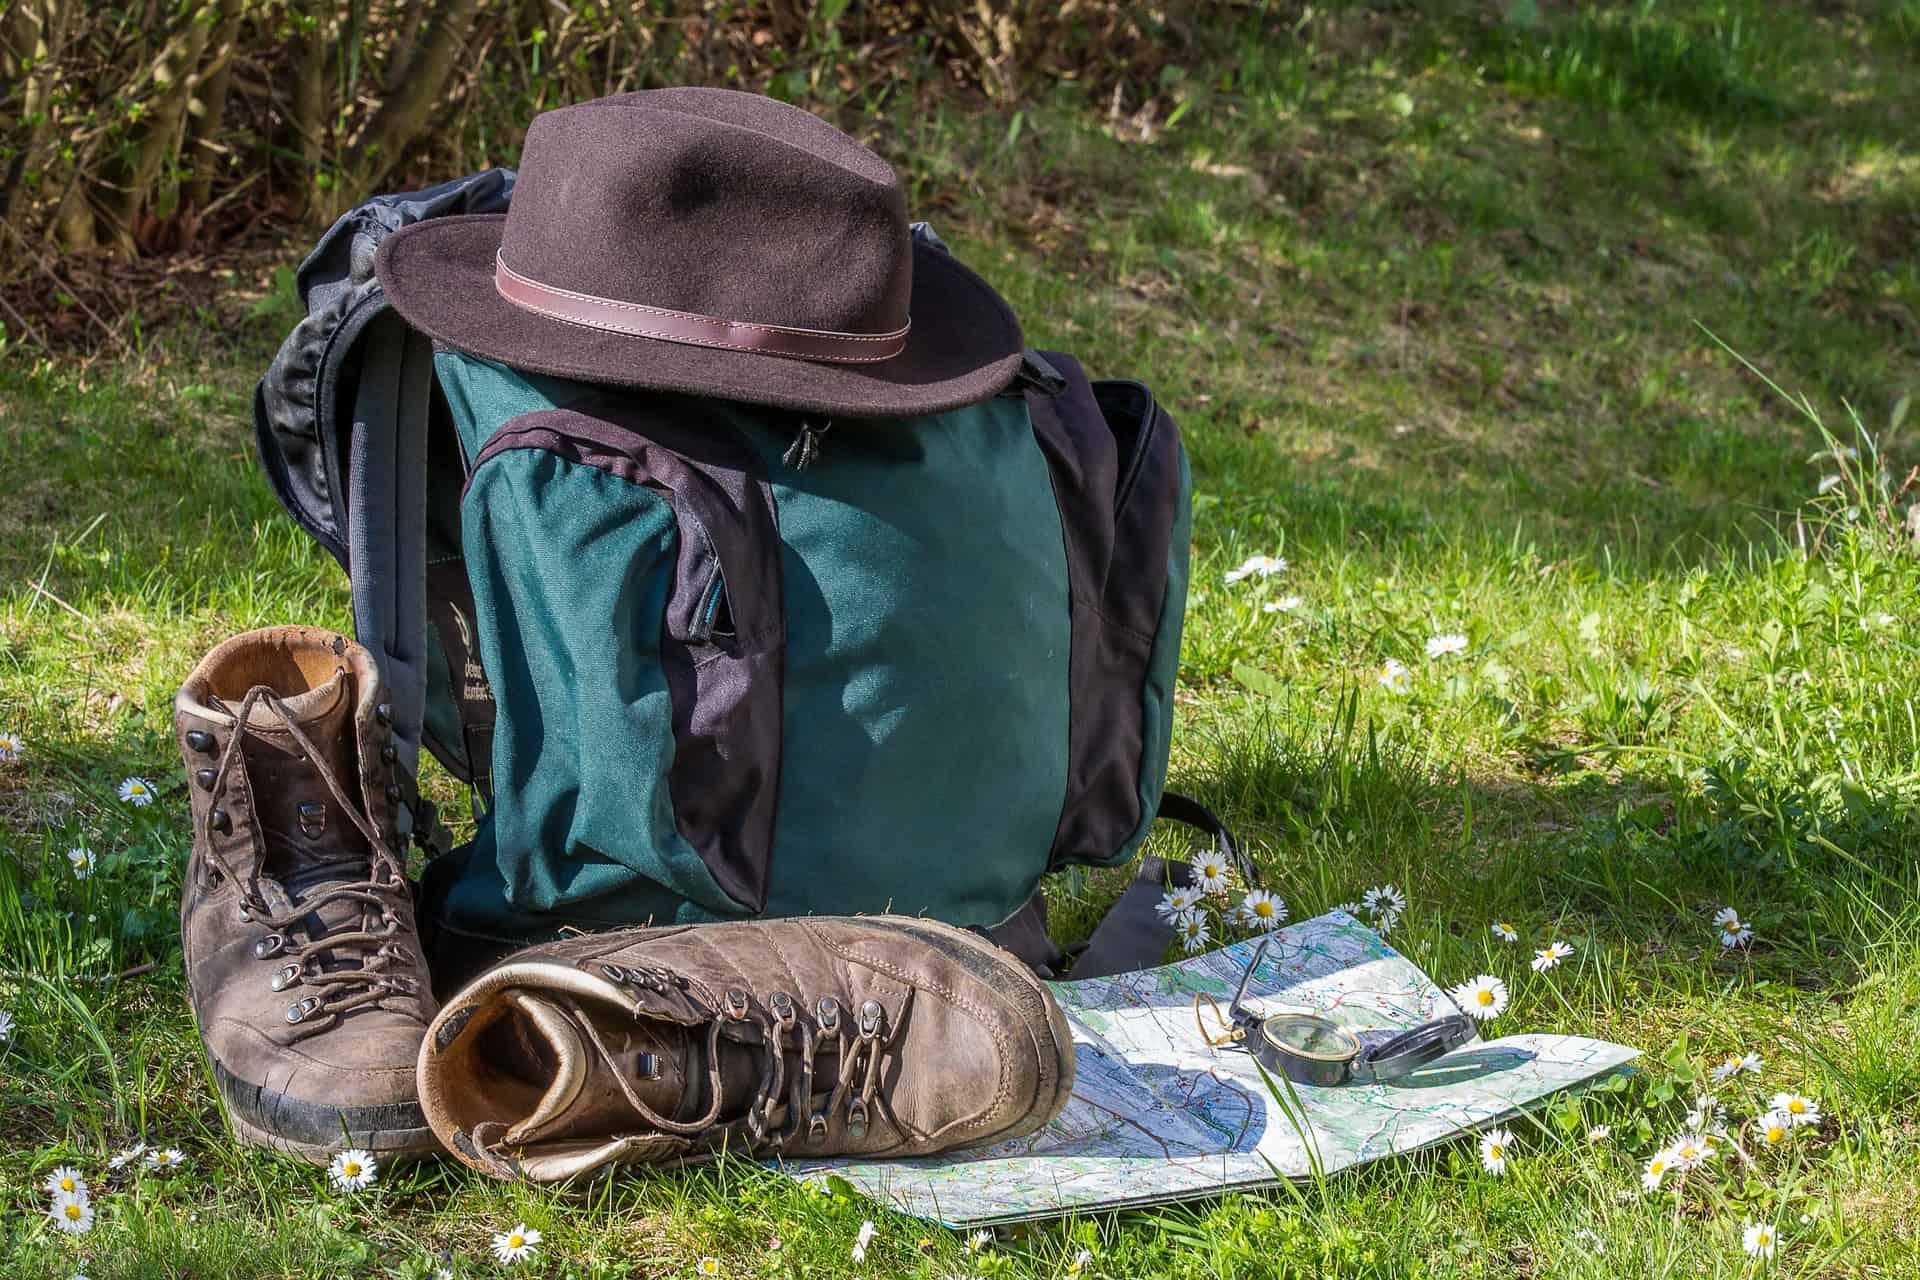 Wandersocken: Test & Empfehlungen (01/21)